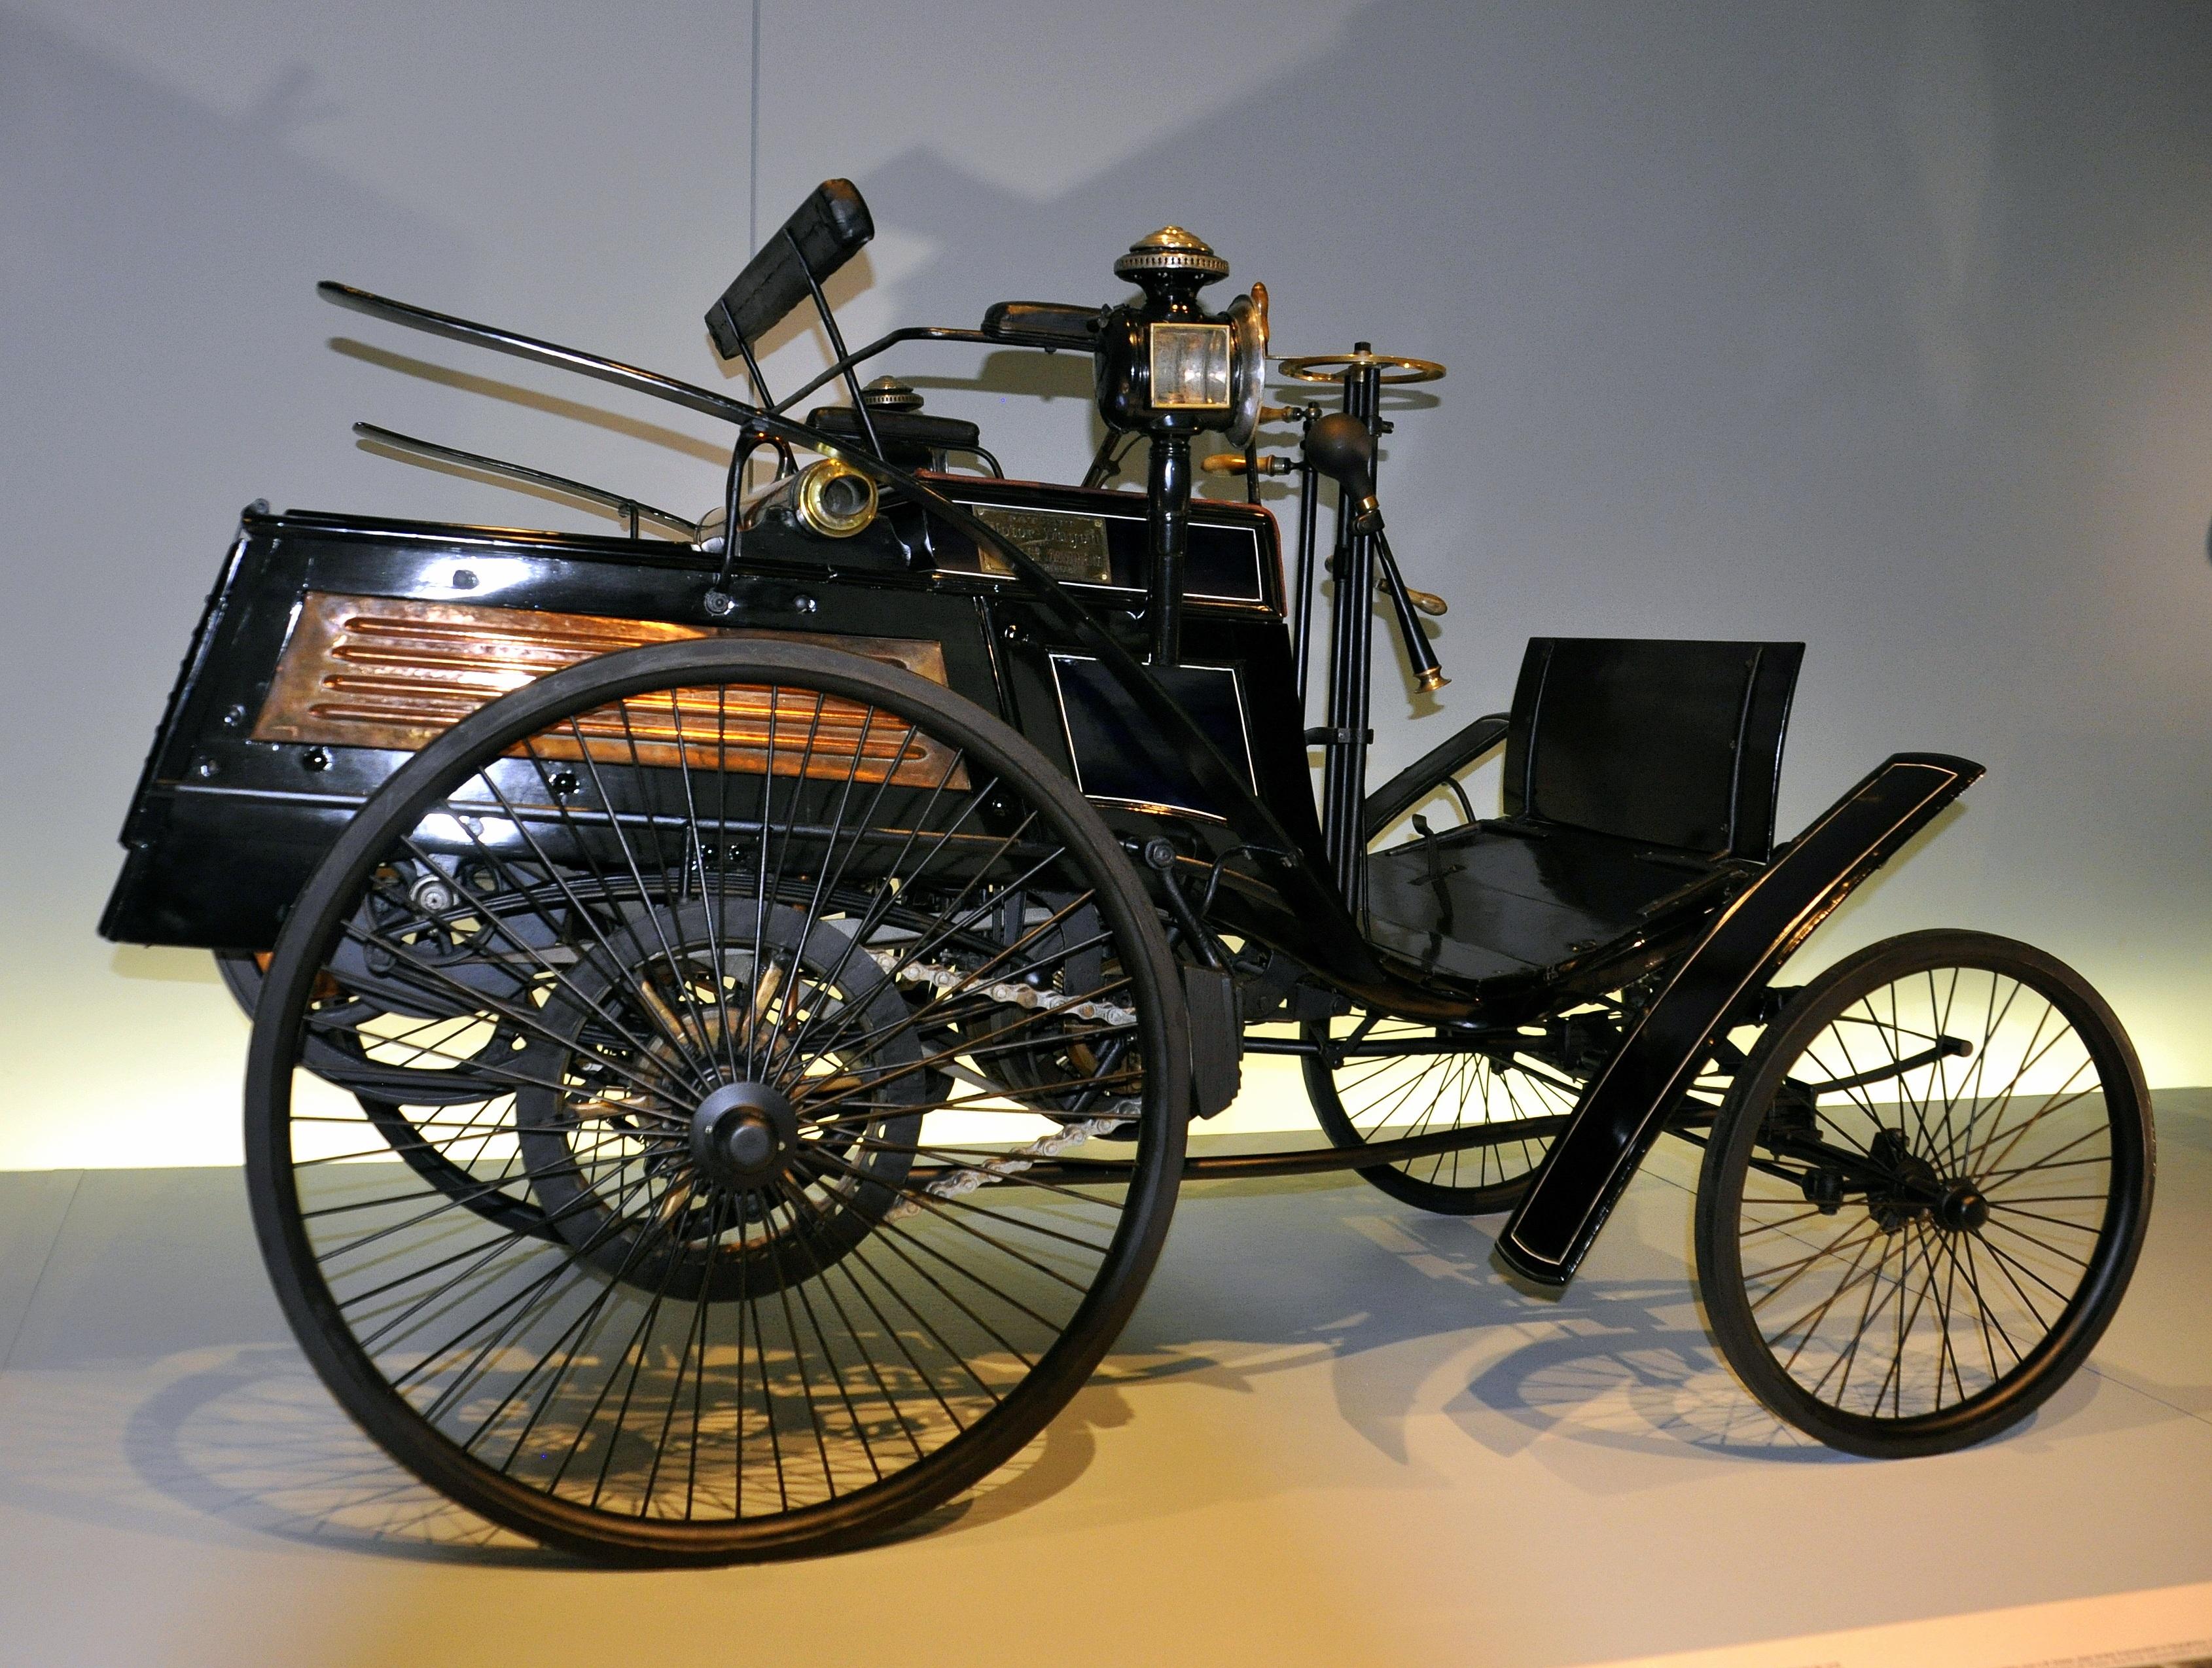 Fotos Gratis Coche Rueda Transporte Veh 237 Culo Museo